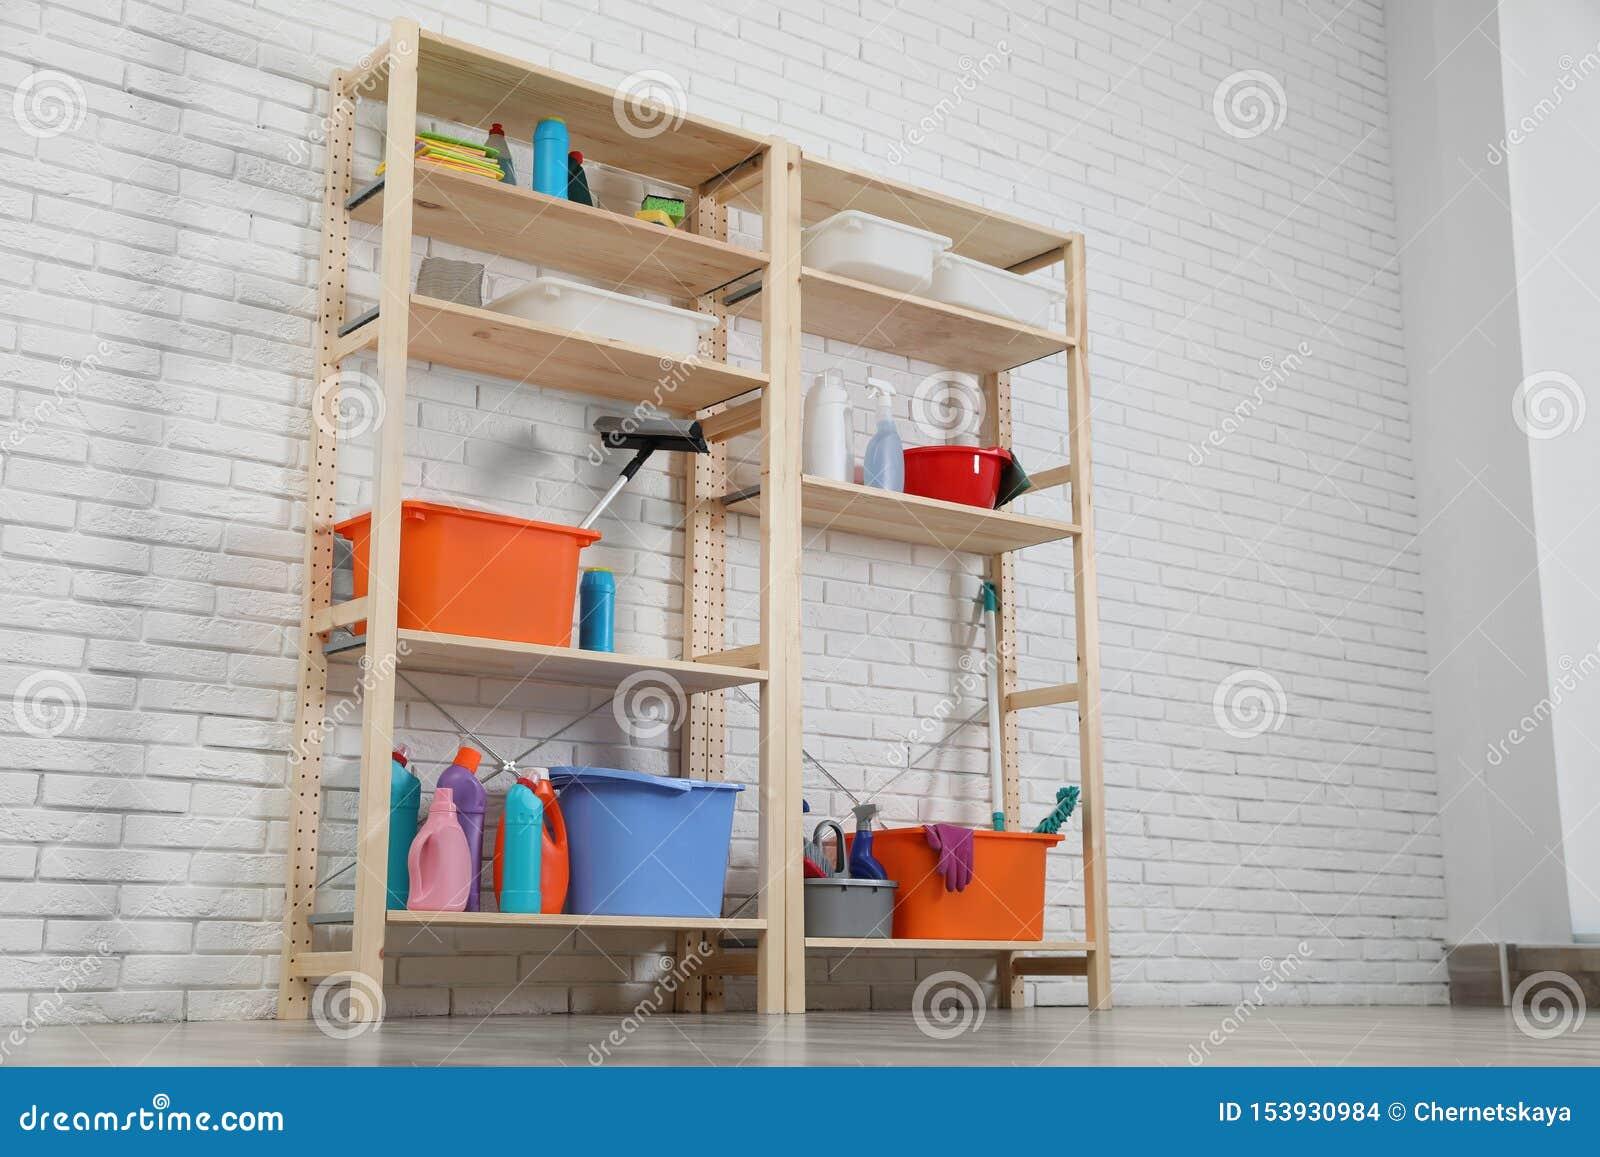 Etagere Sur Mur En Brique unités de étagère en bois avec l'équipement de nettoyage